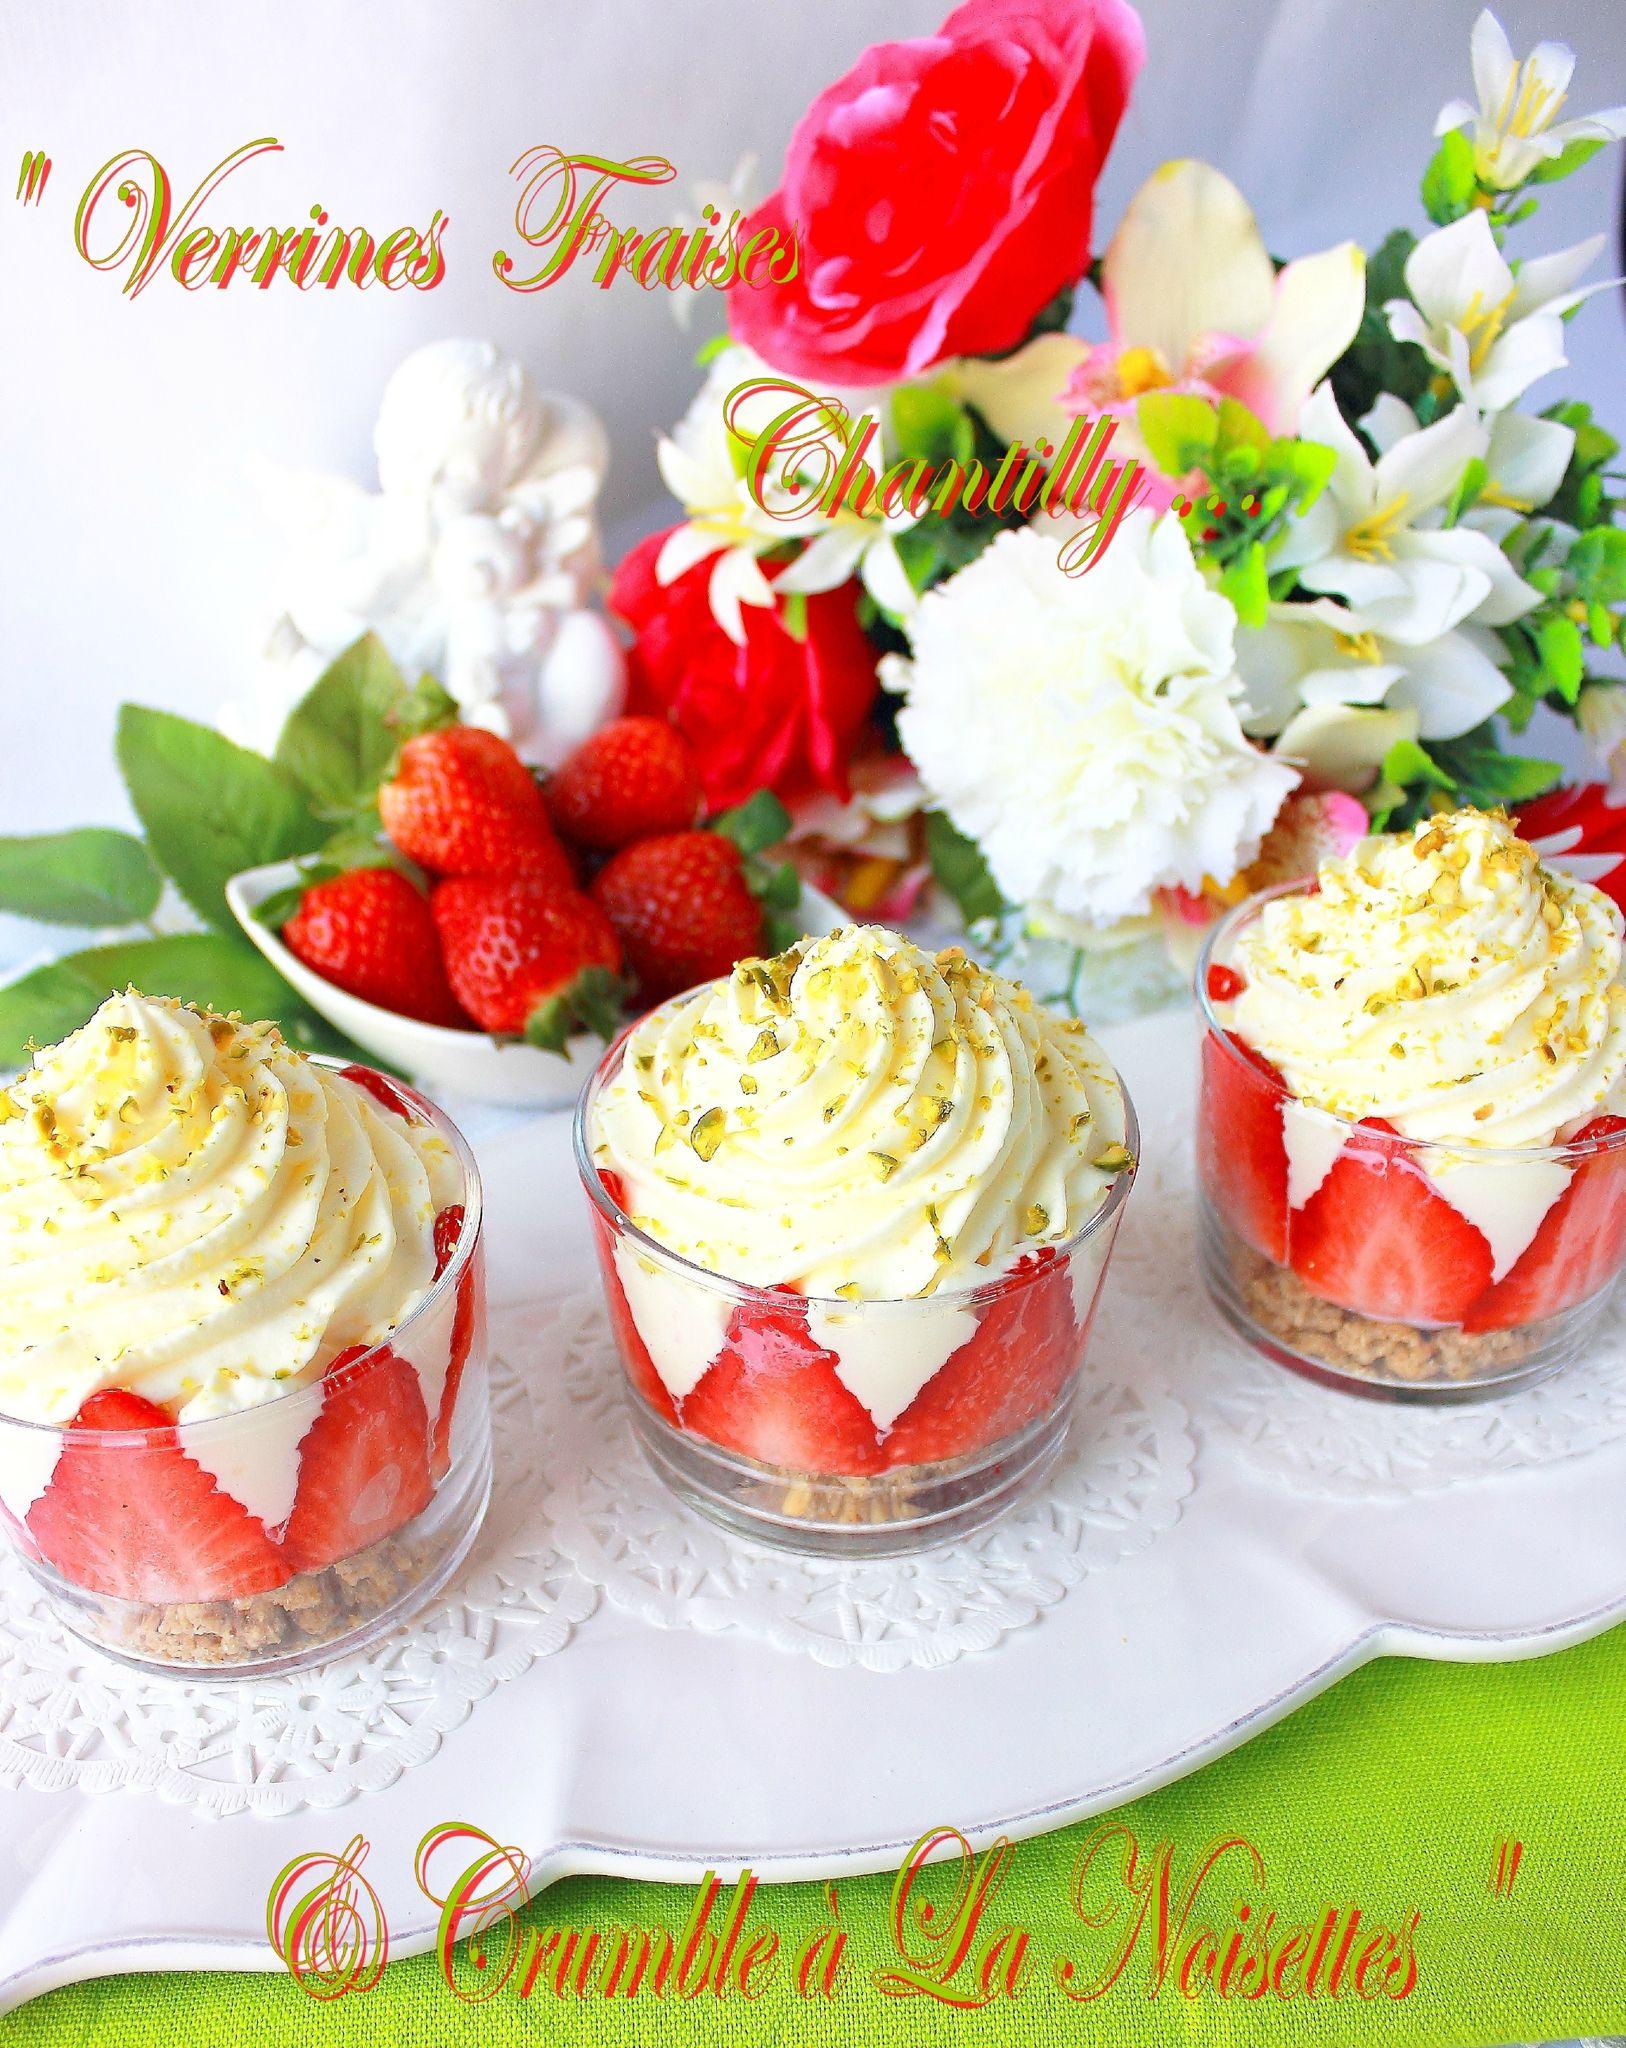 Verrines fraises chantilly & son crumble à la noisettes4